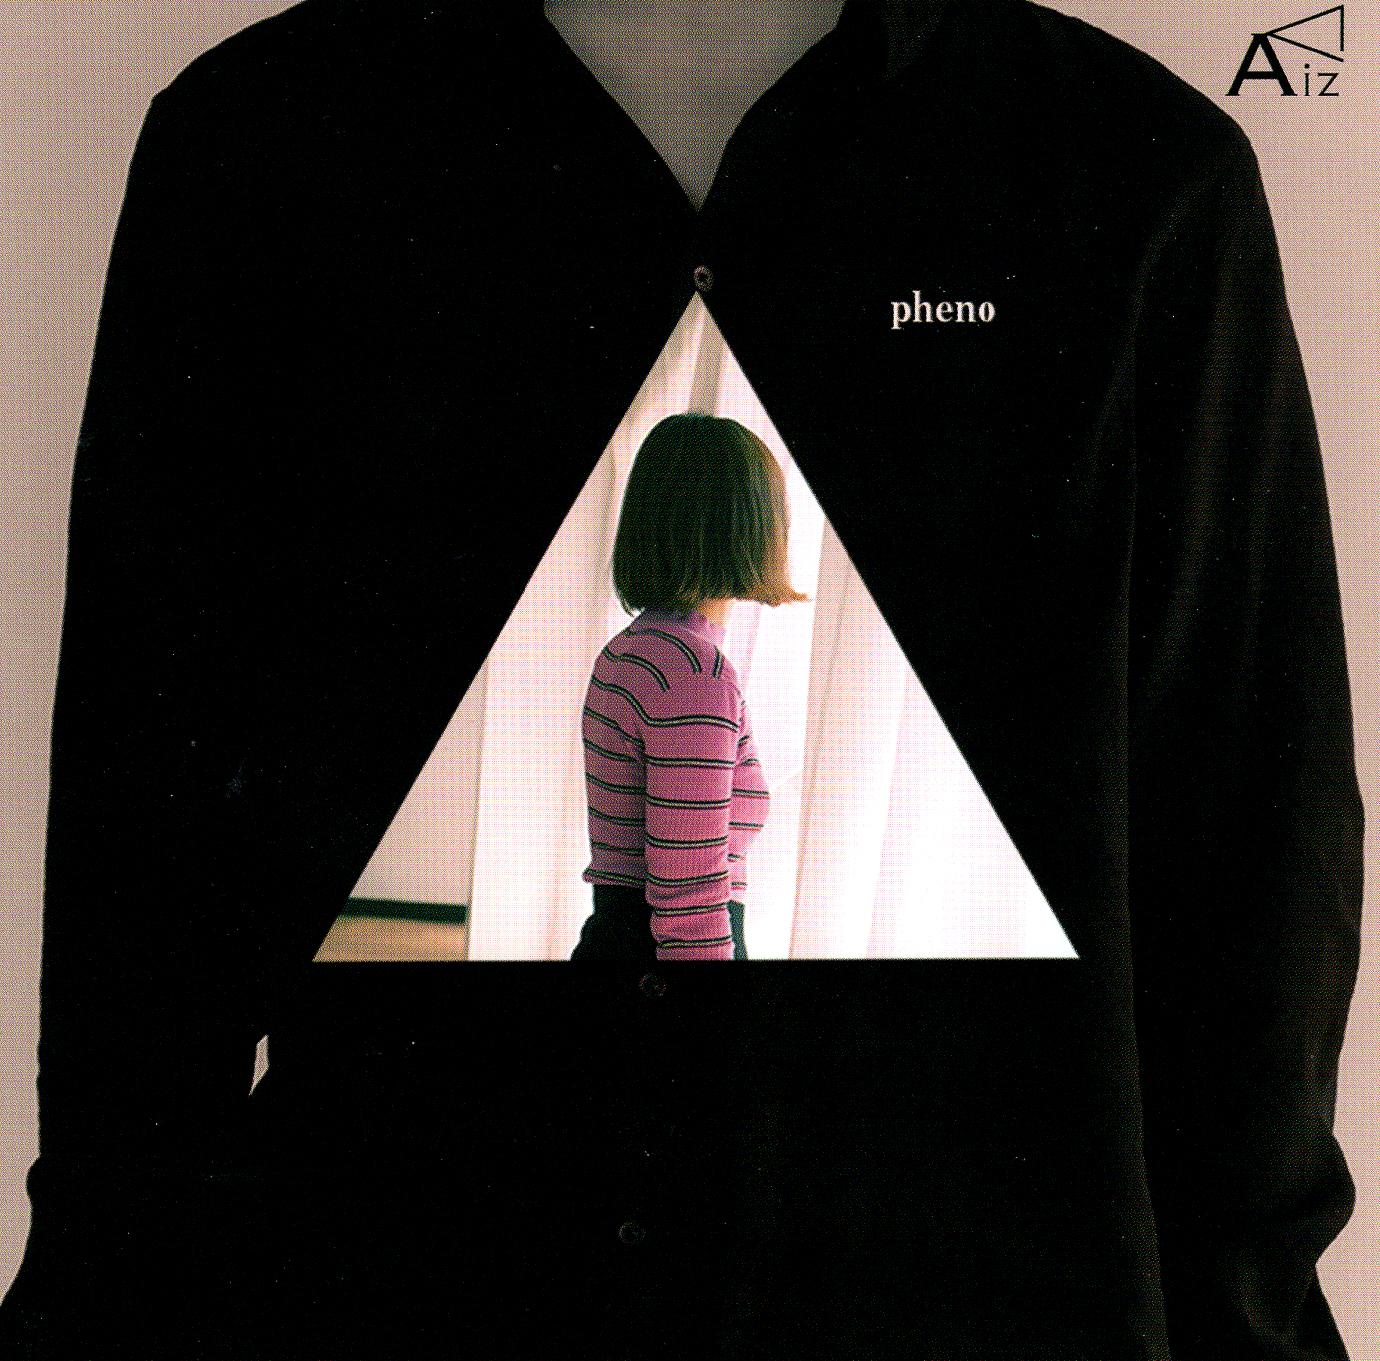 pheno / AiZA